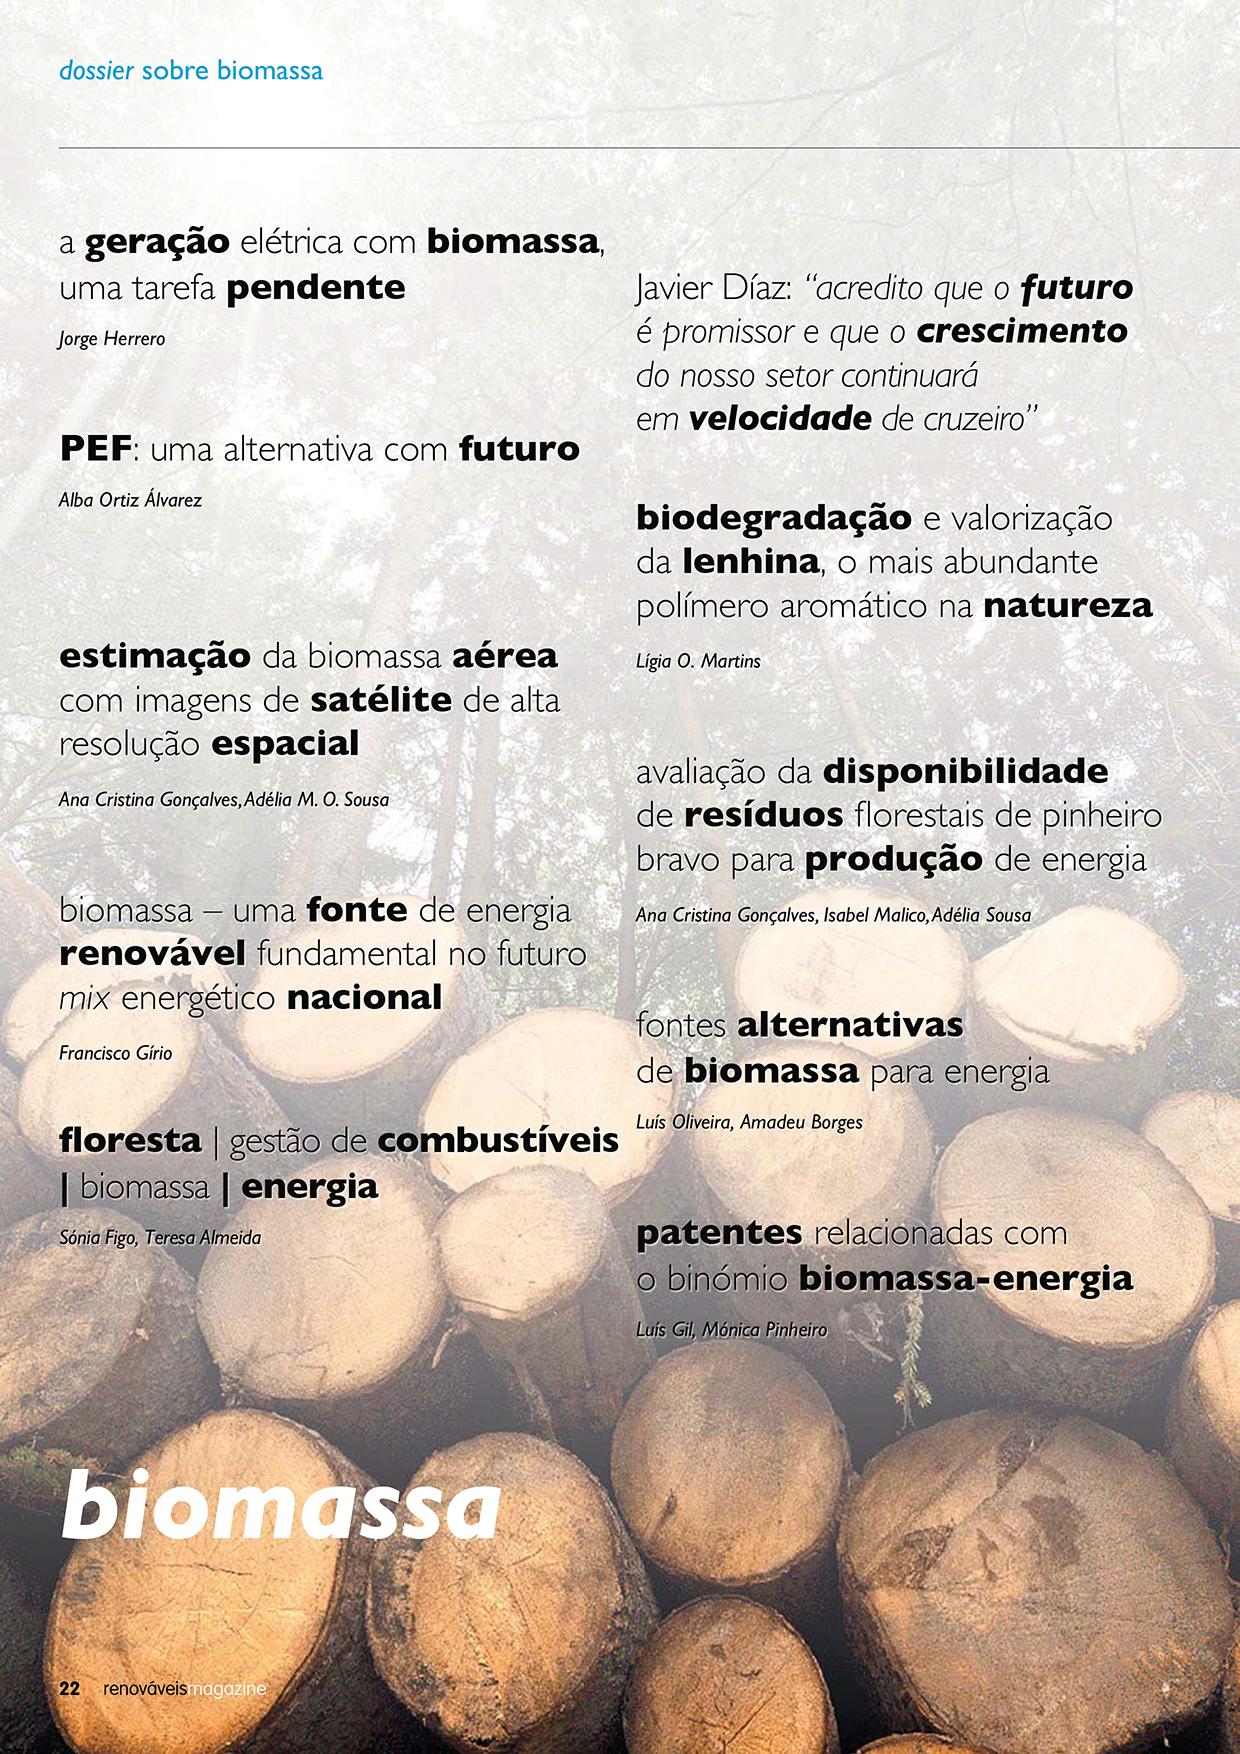 Dossier sobre biomassa - edição 33